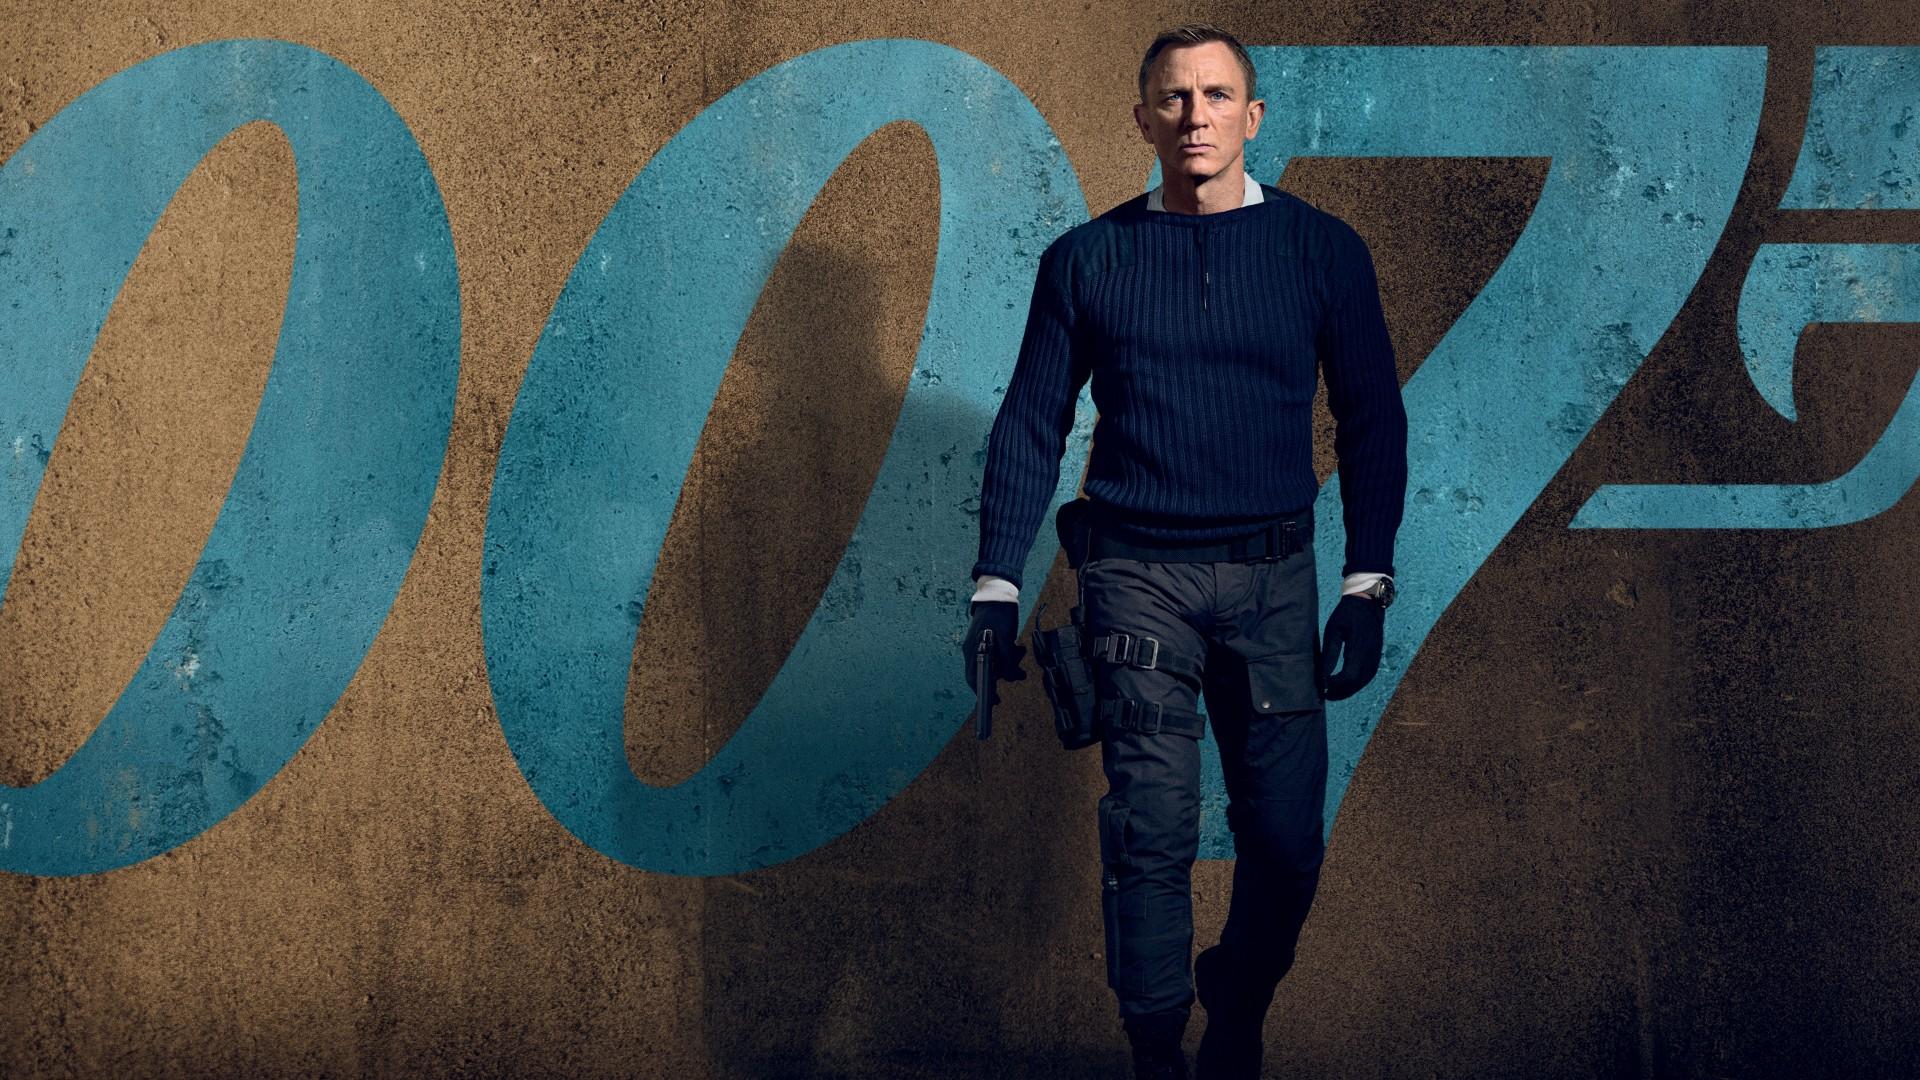 Wallpaper Iphone 6 Iron Man Daniel Craig In No Time To Die 2020 Bond Movie 4k 8k